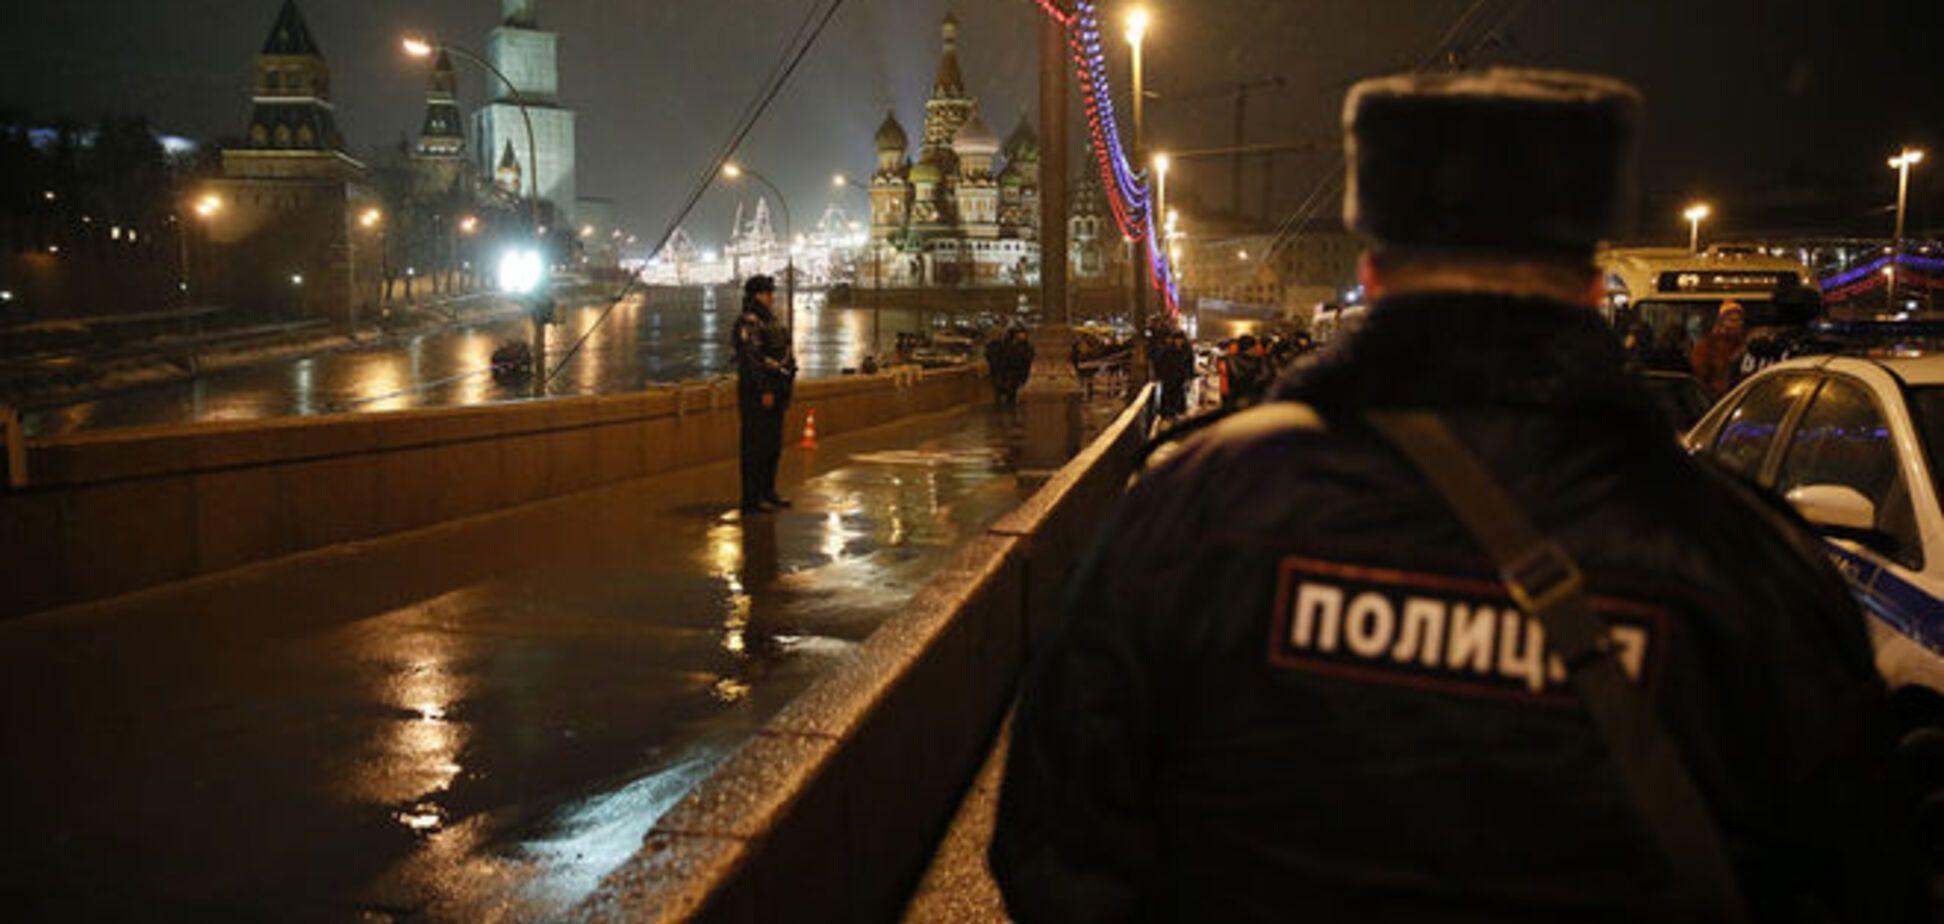 Незадолго до убийства Немцов говорил, что Путин живет по понятиям - Саакашвили